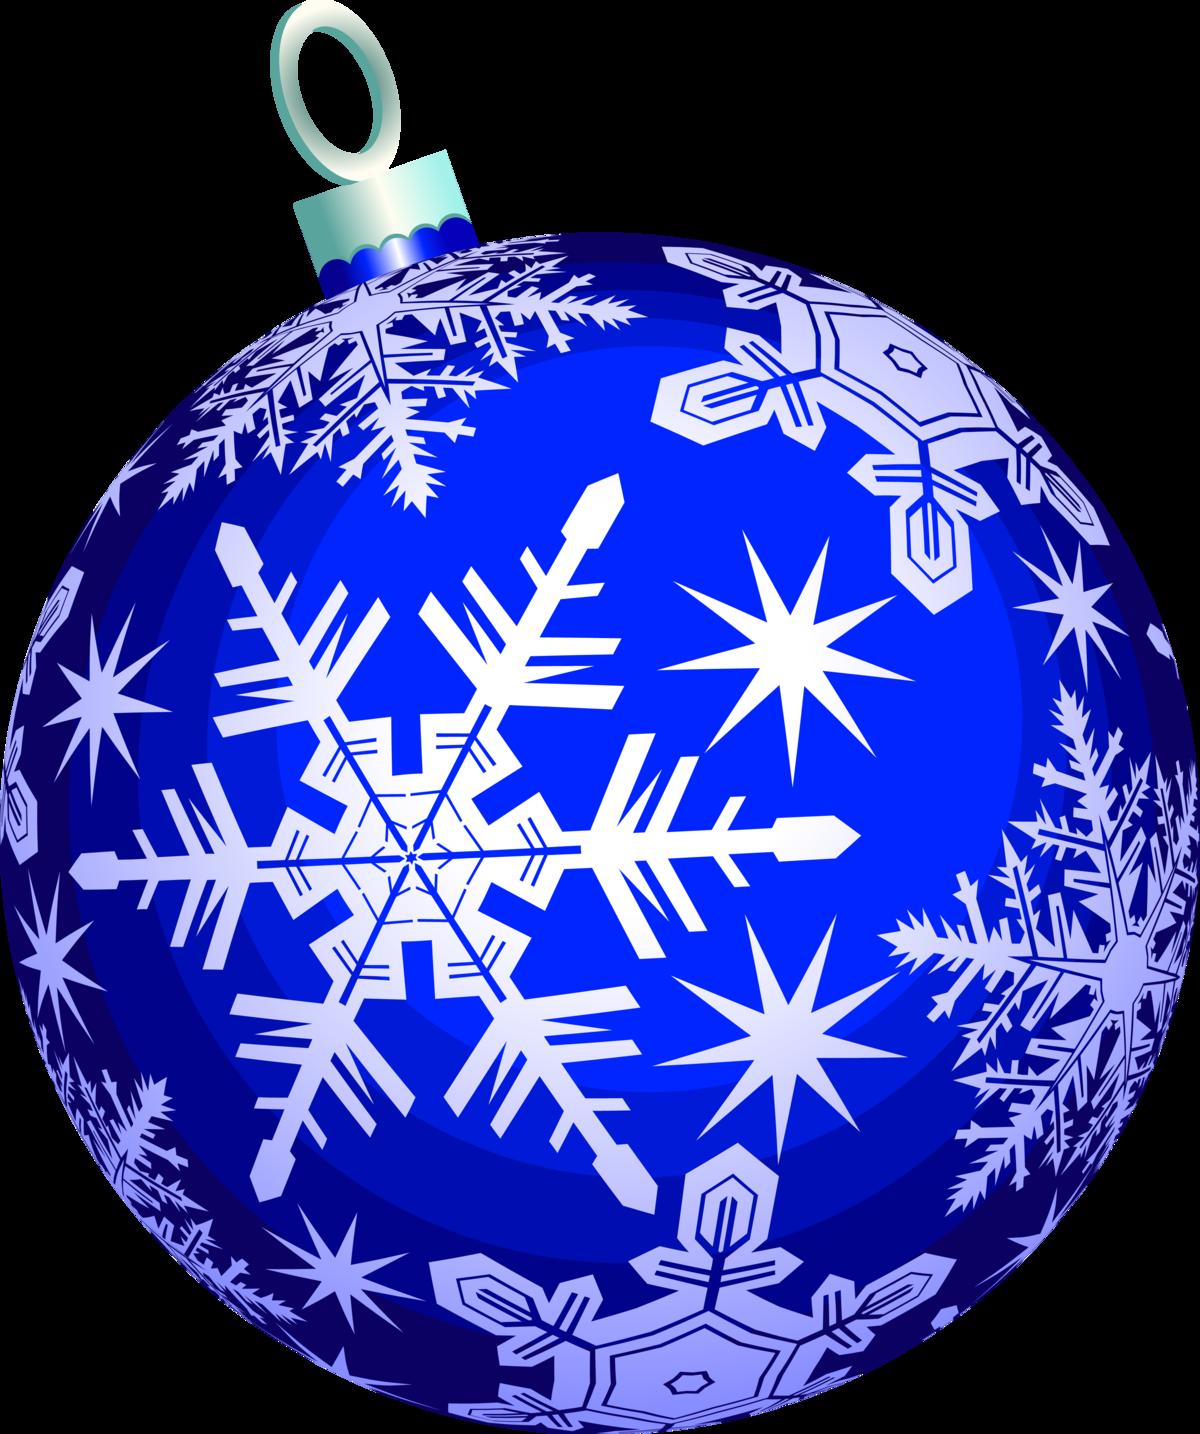 картинка шарики новогодние цветные счет немыслимого доселе